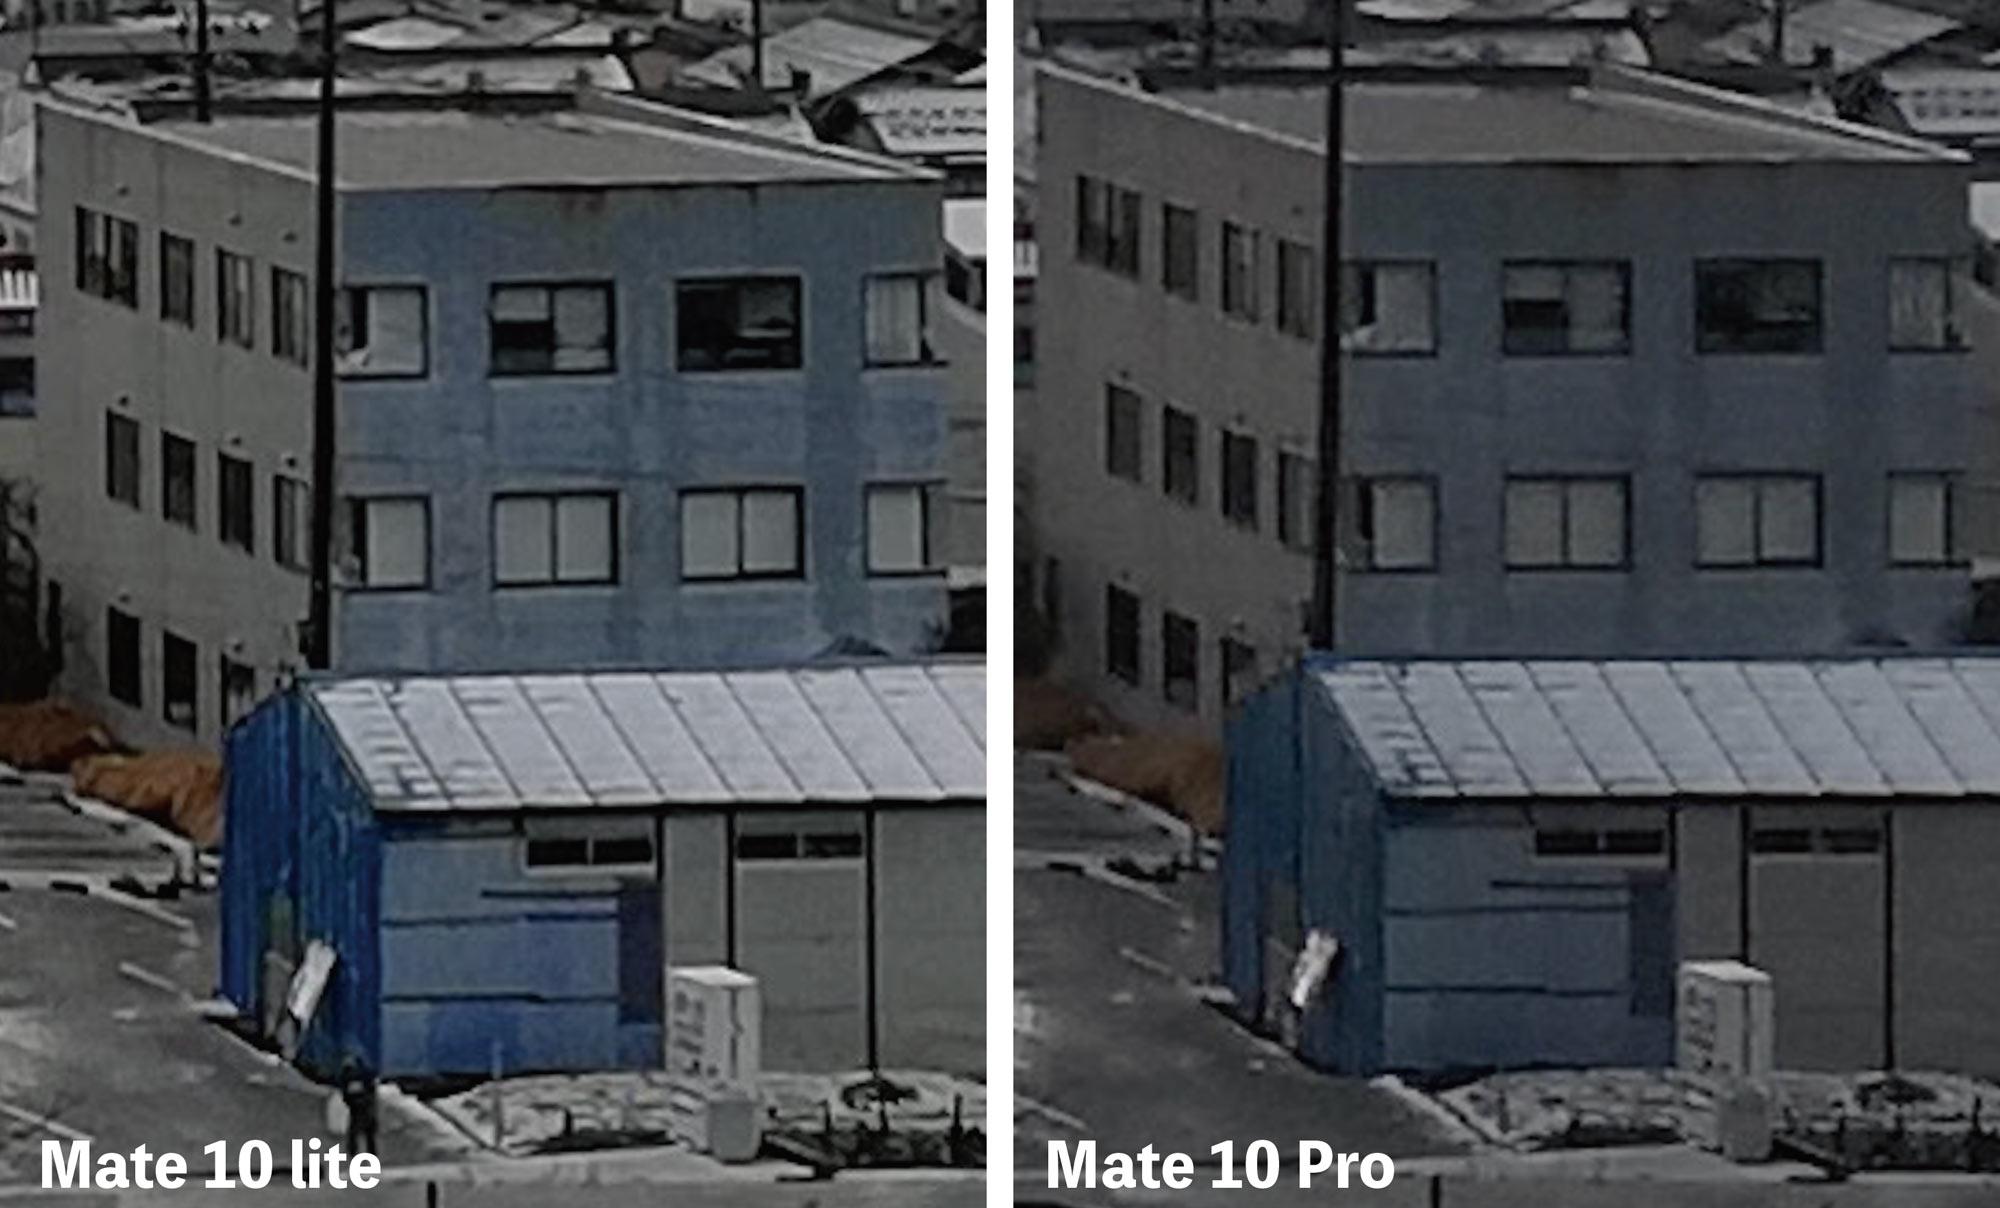 Mate 10 liteとMate 10 Proのカメラ画質比較